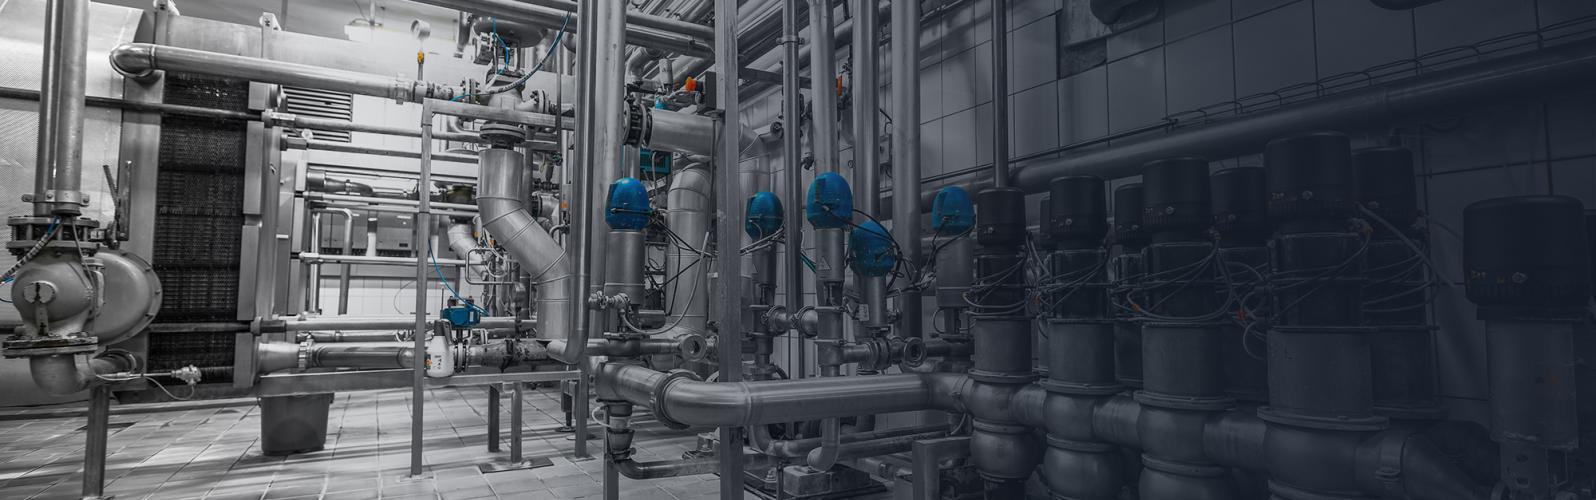 PCM, su proveedor de soluciones para la transferencia, la dosificación, la mezcla y el relleno de fluidos complejos